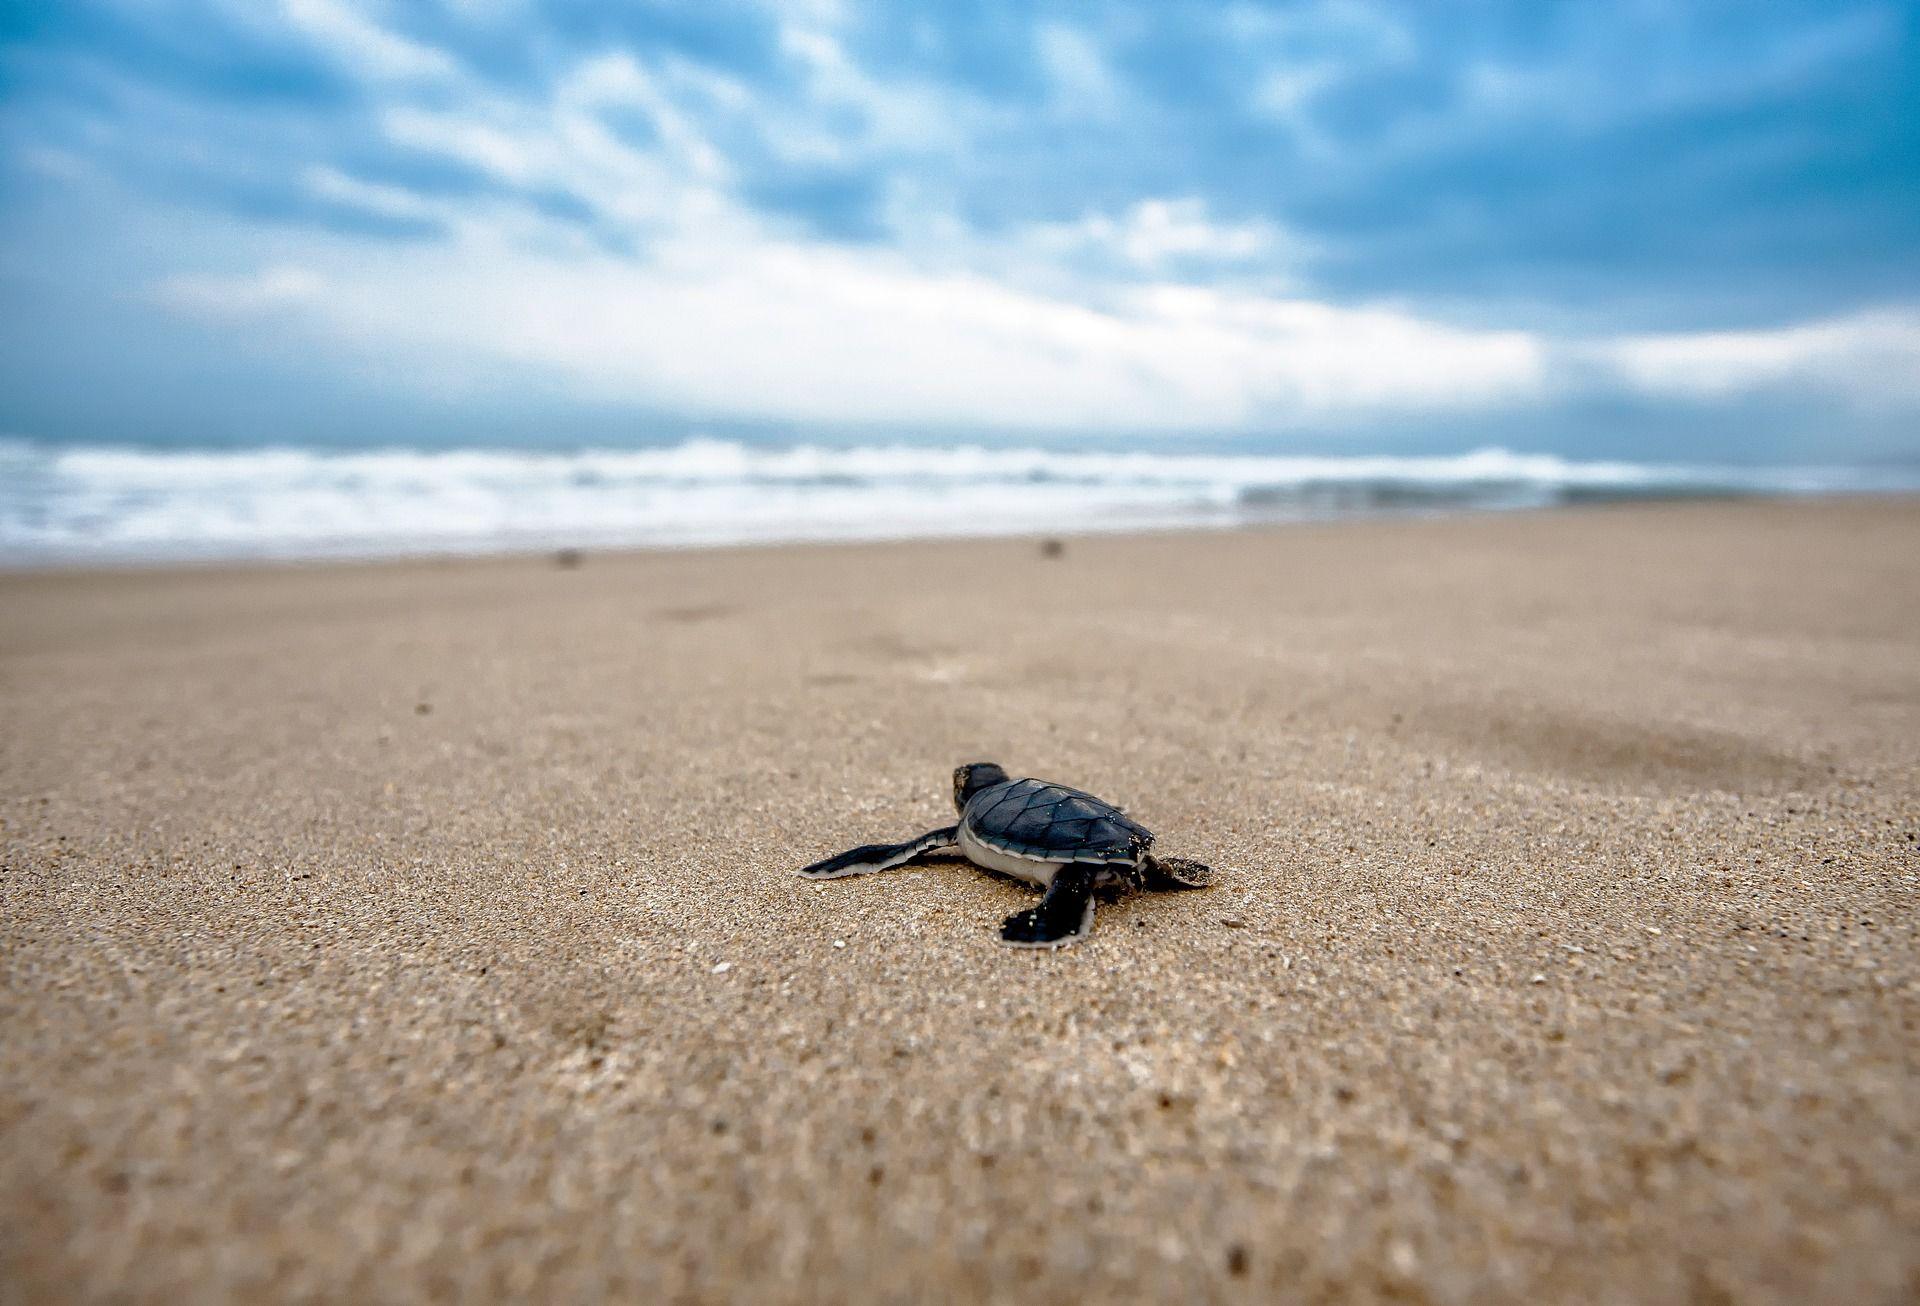 Красивое фото необычной черепахи